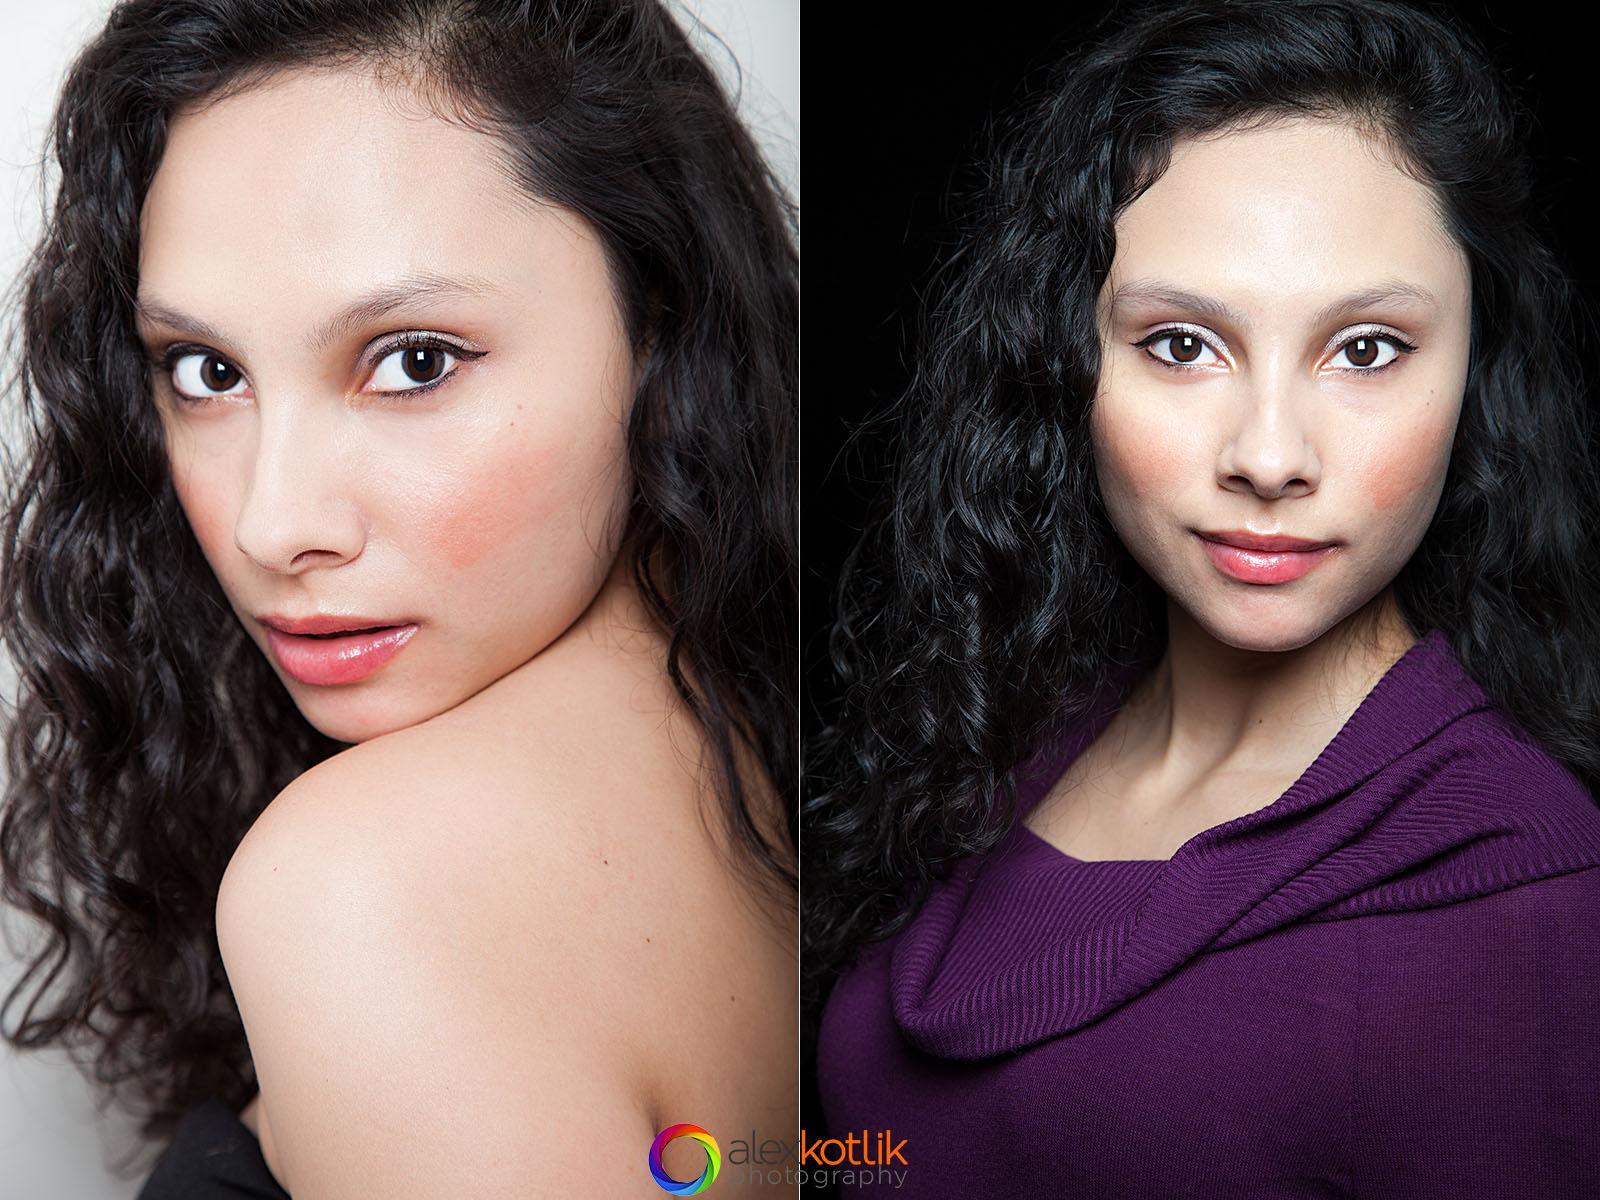 NYC headshots and modeling portfolio - Nina